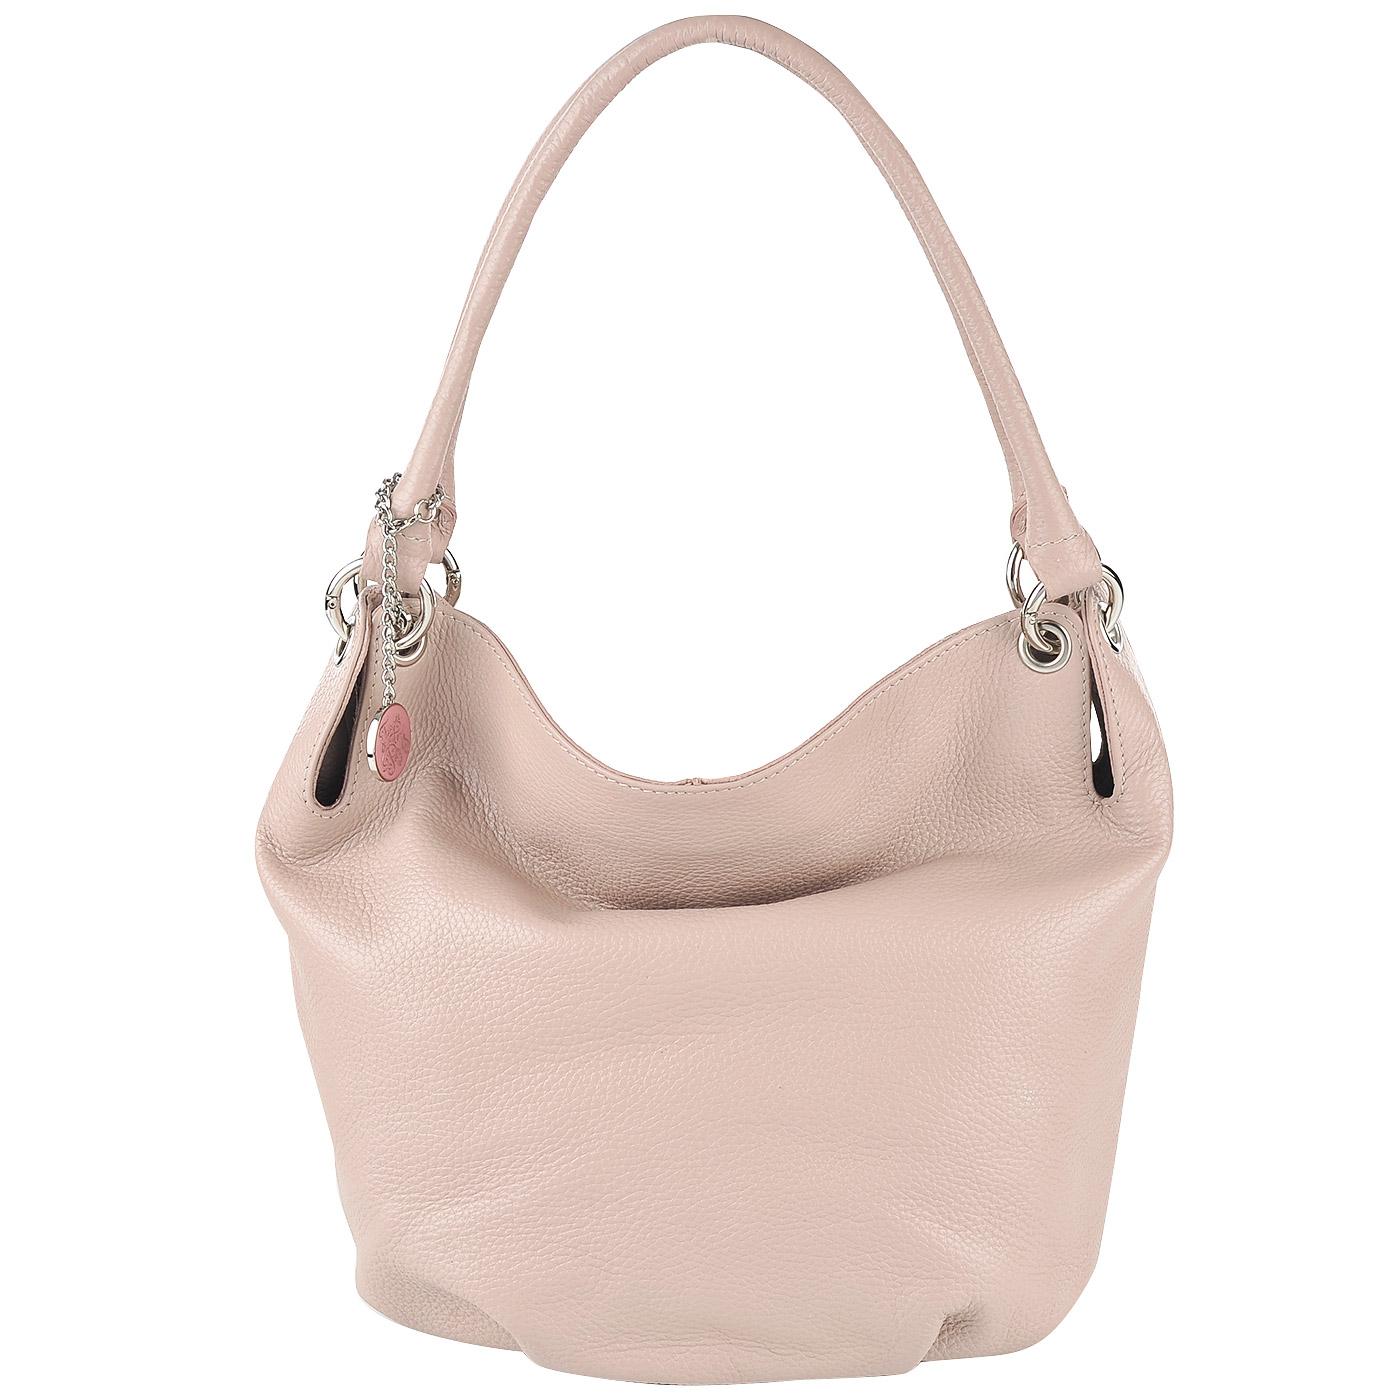 248e25fde623 Женская кожаная сумка Chatte FA1205D450_amanda - 2000557709416 ...